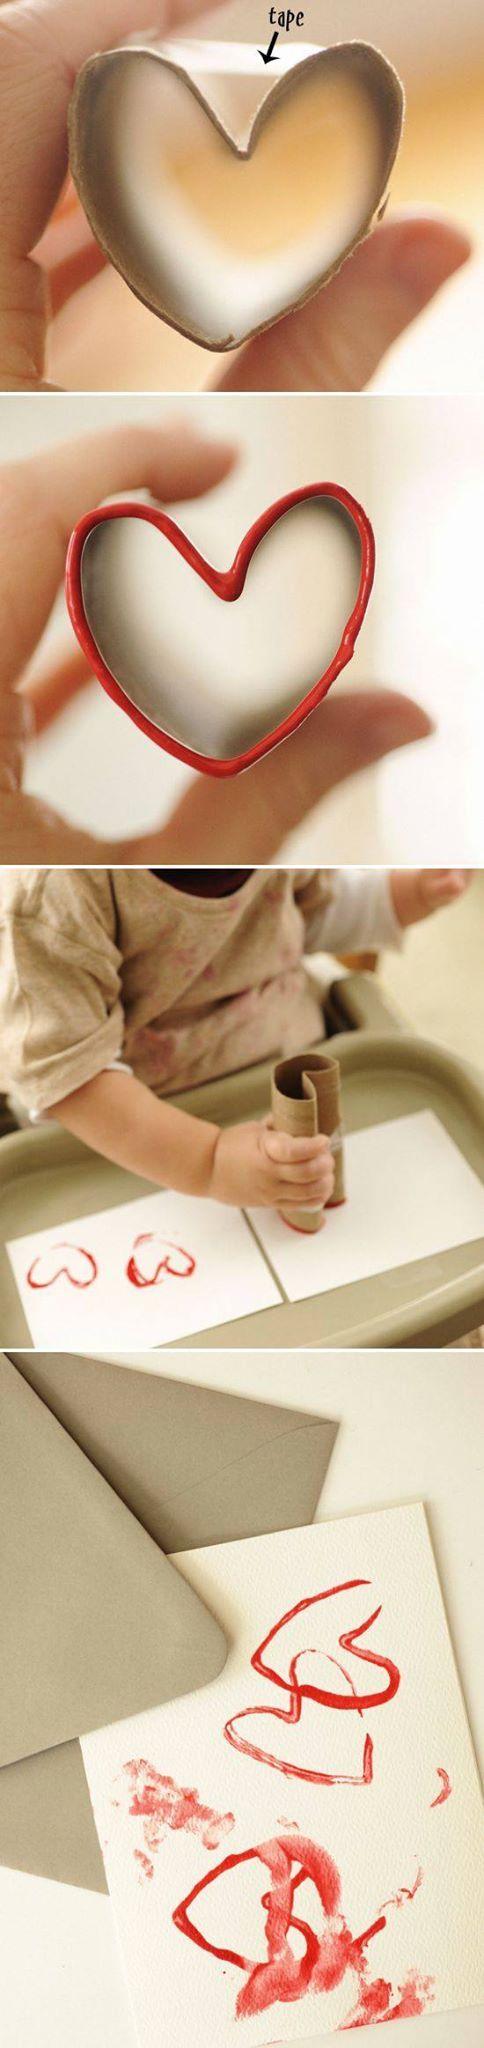 15 Idées D'Activités Créatives à Faire avec Ses Enfants pour la Saint Valentin